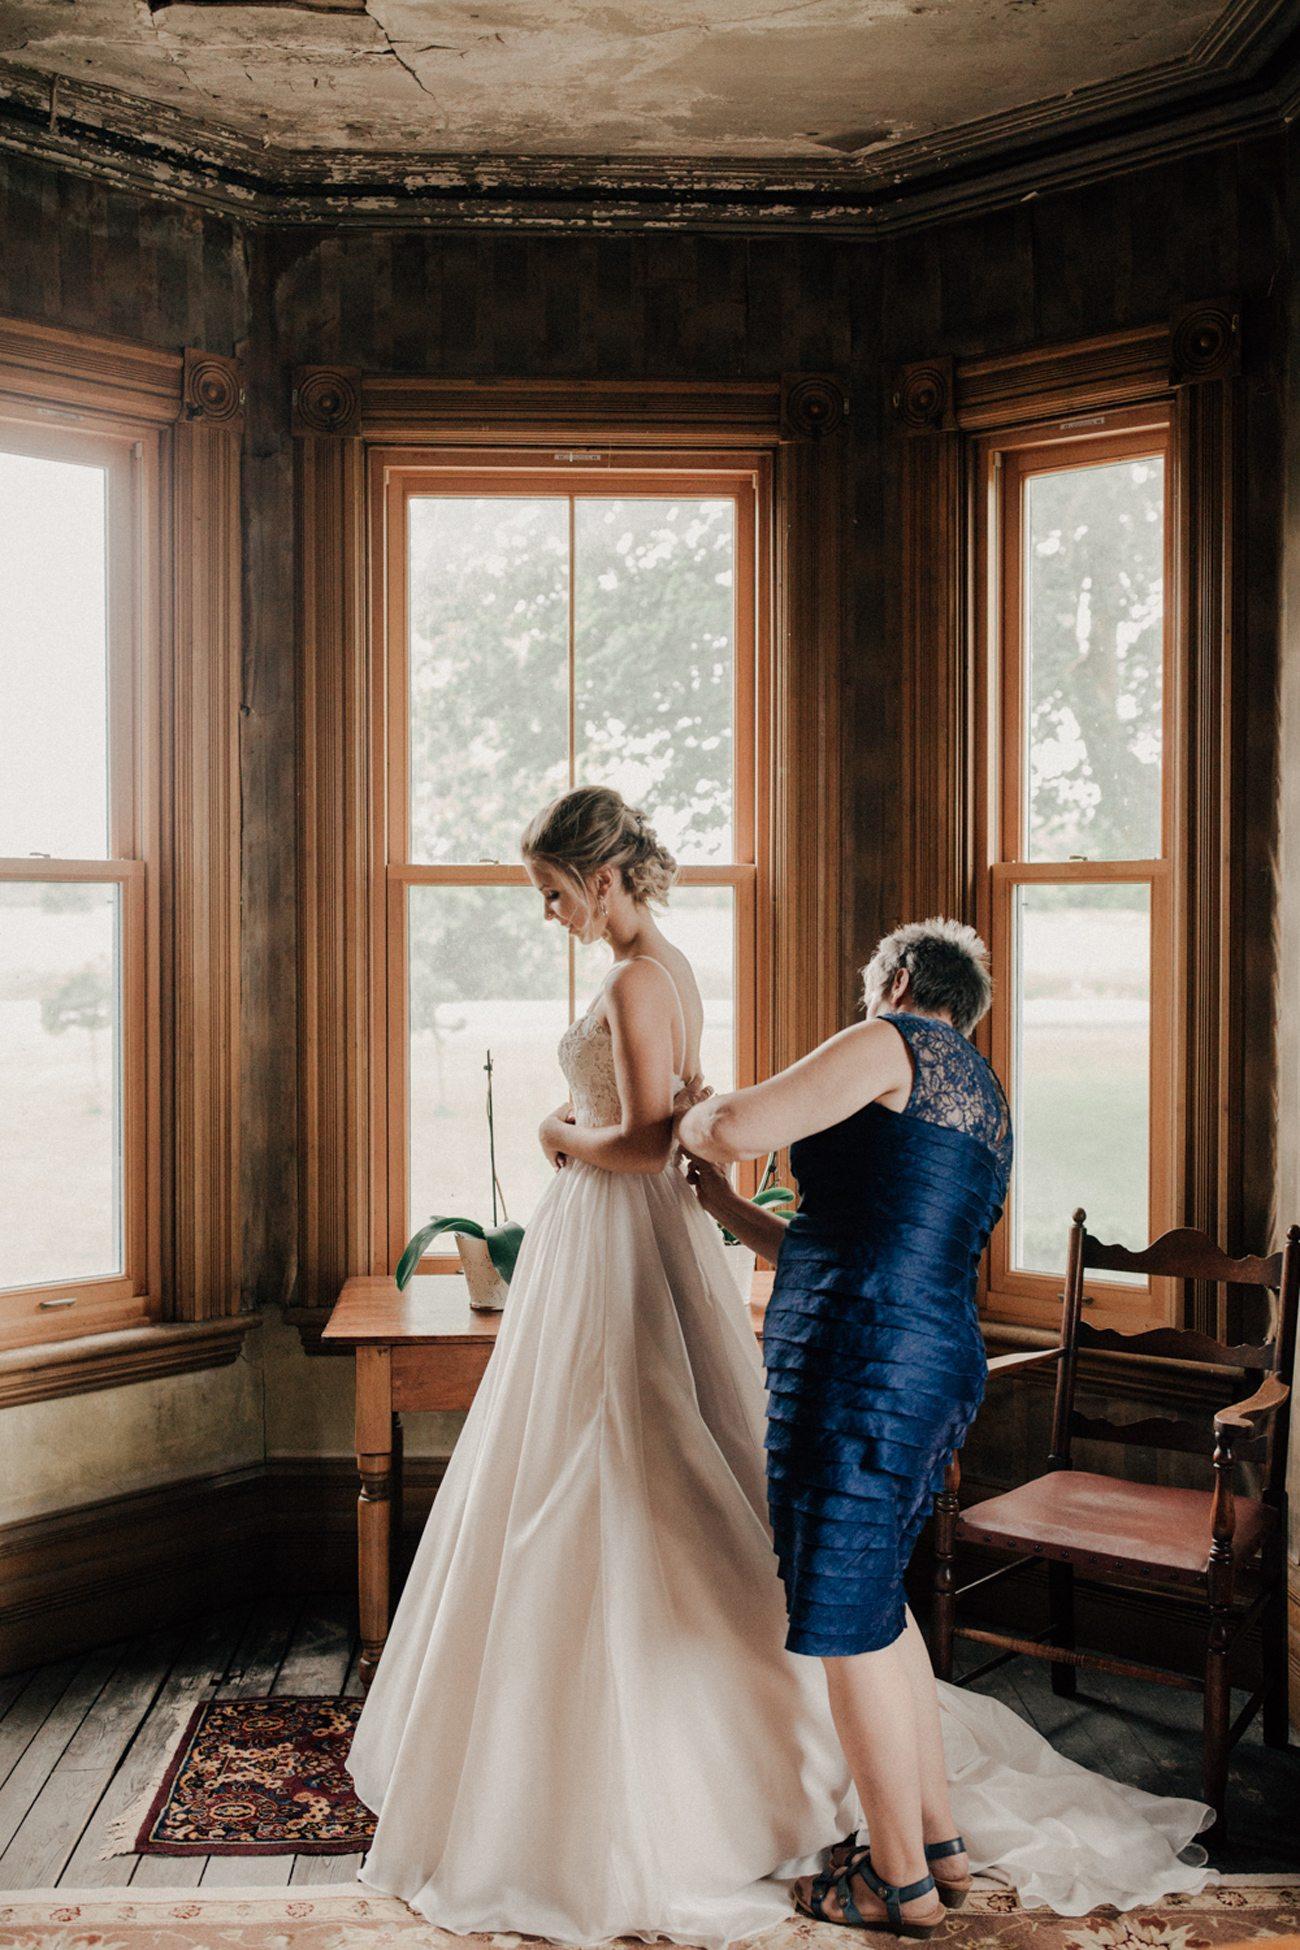 241-victoria-wedding-photographer